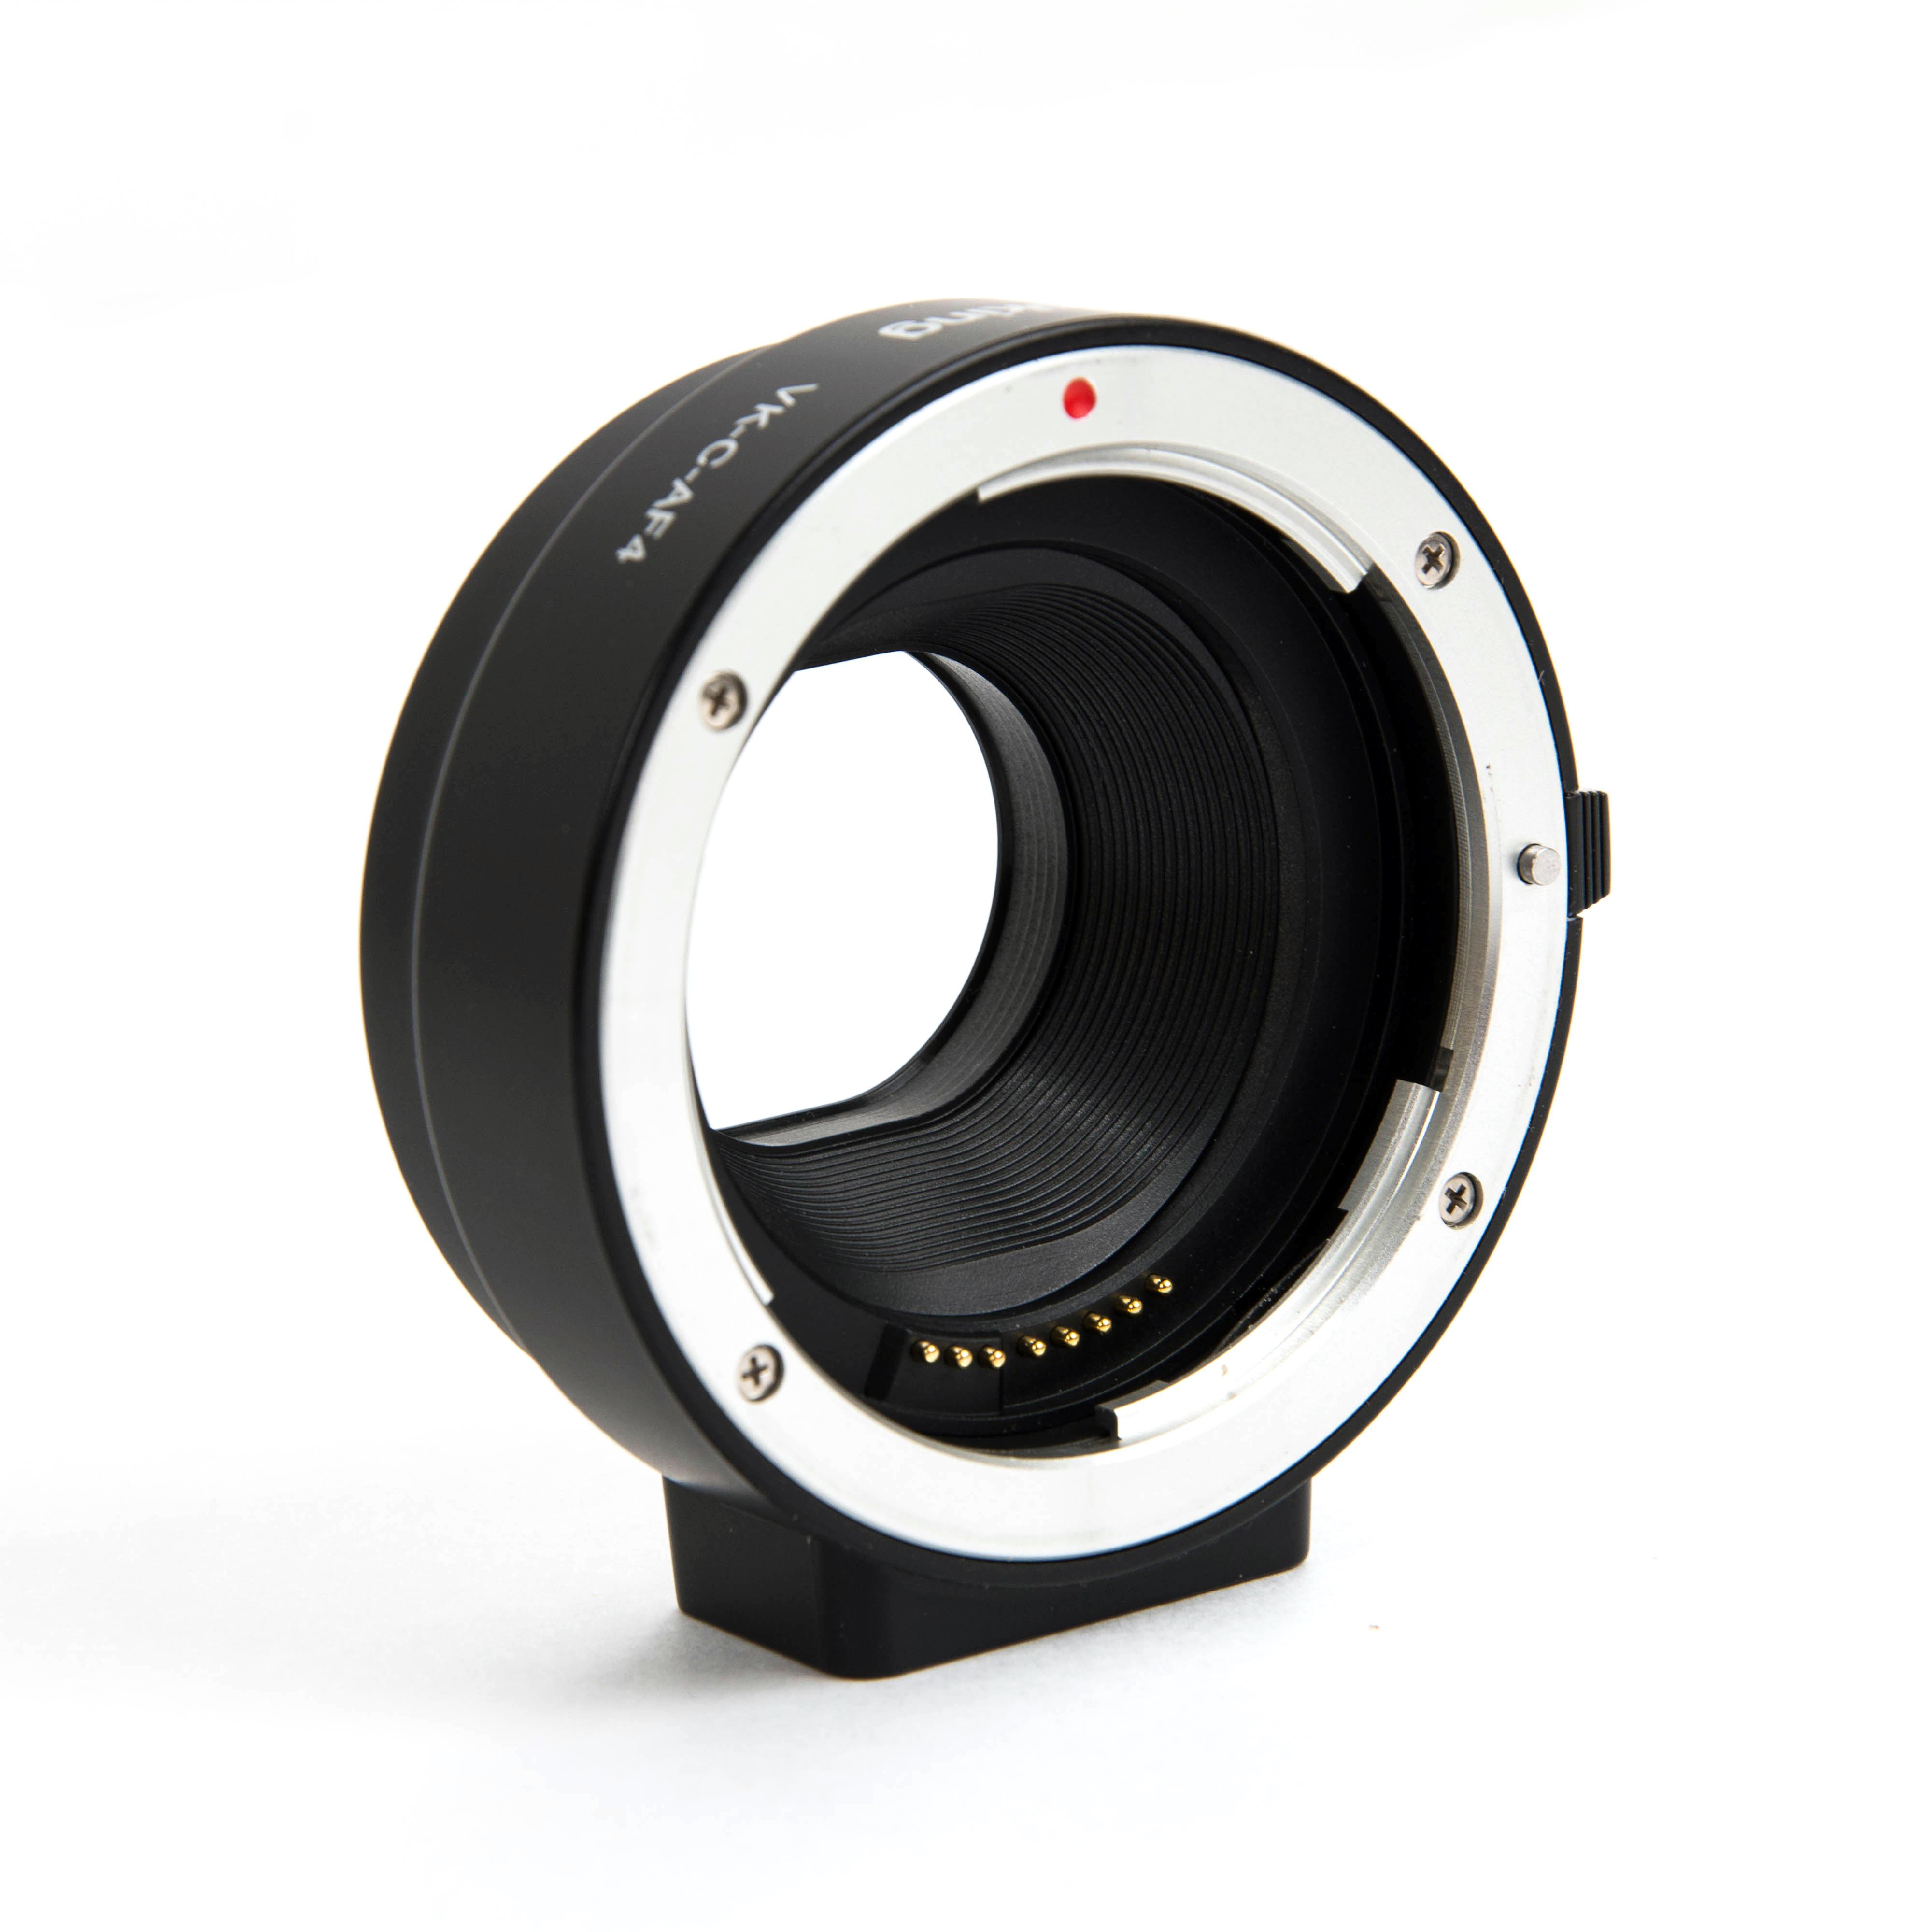 Voking Lens Mount Adapter, Canon EF / EF-S Lens to Canon EF-M Camera VK-C-AF4